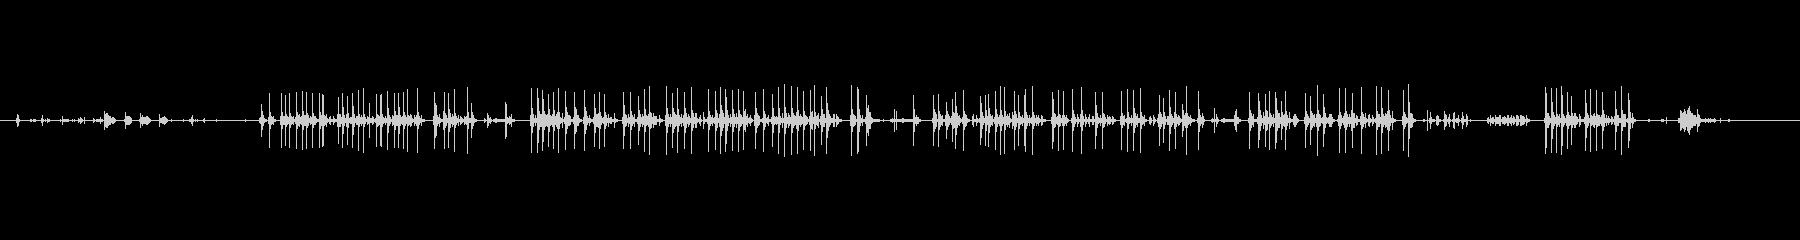 電子タイプライターの未再生の波形